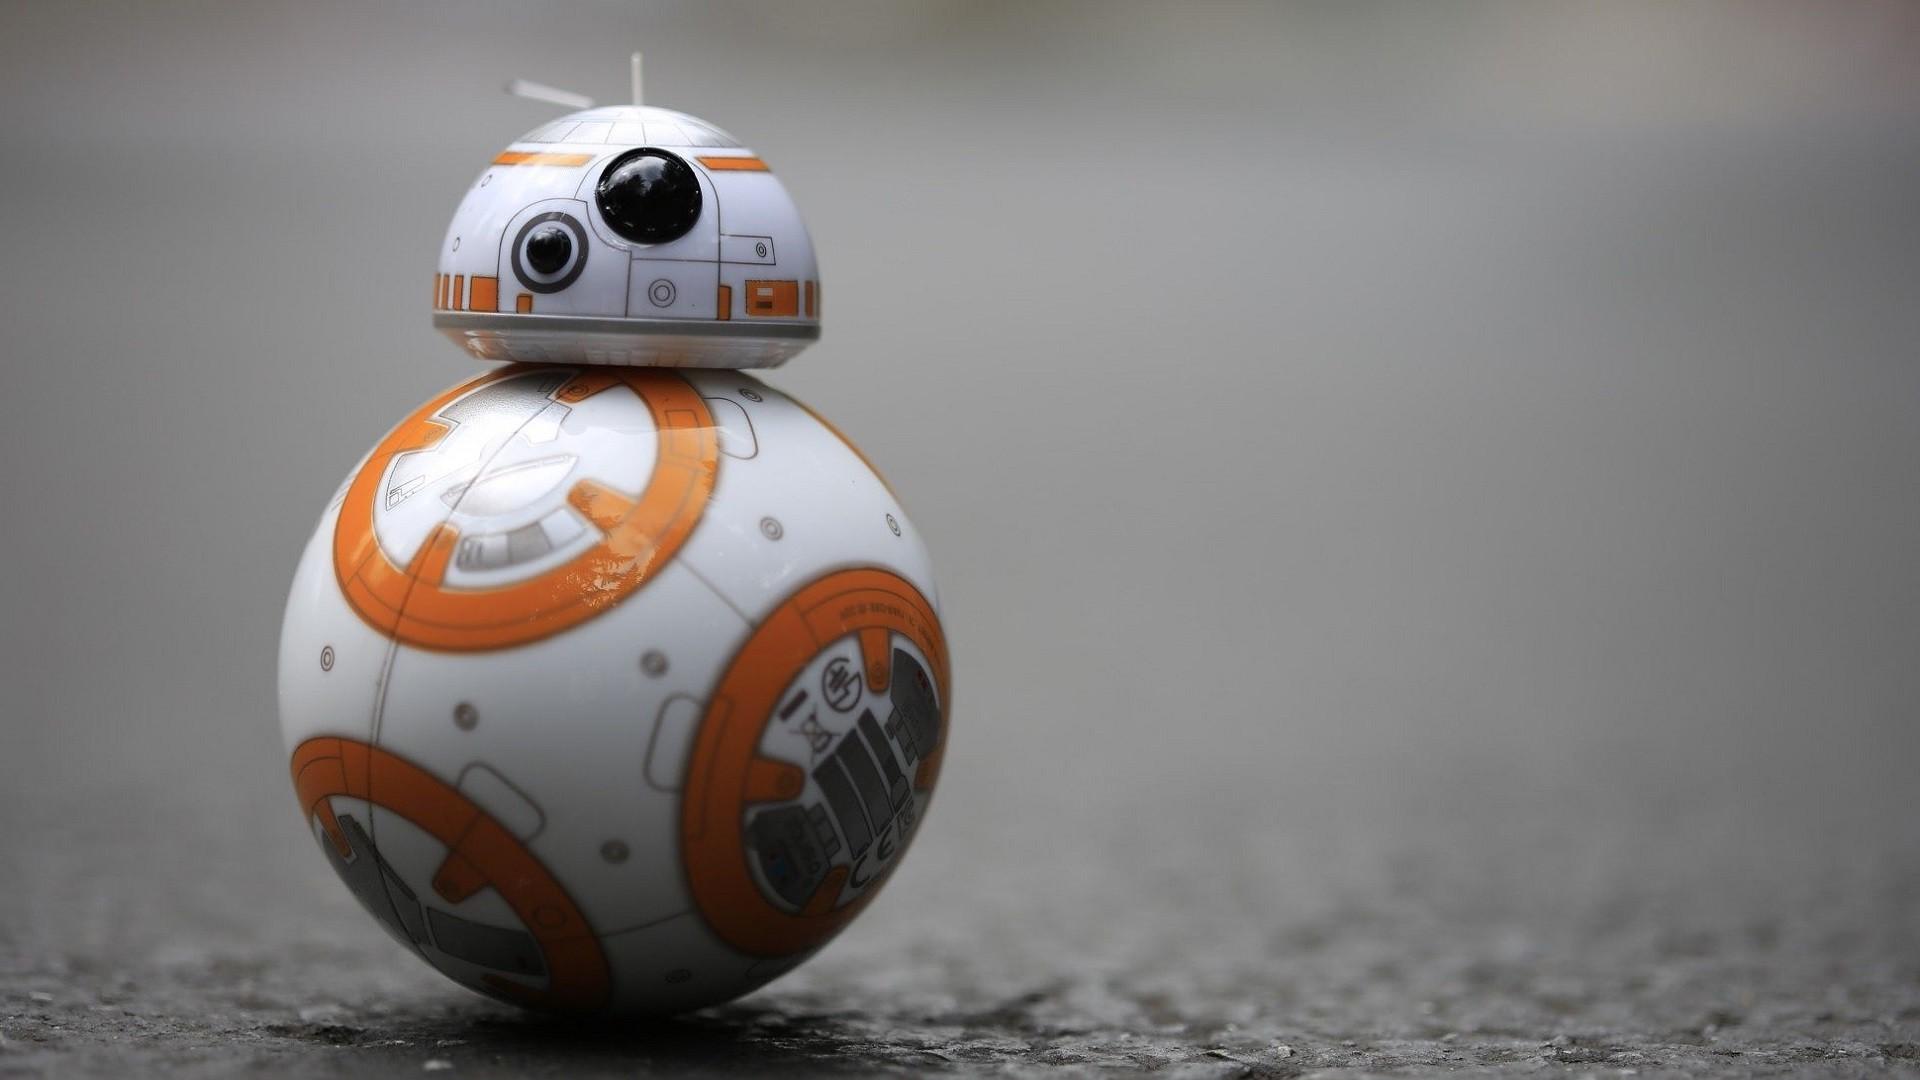 BB 8 Star Wars Star Wars Episode VII The Force Awakens 1920x1080